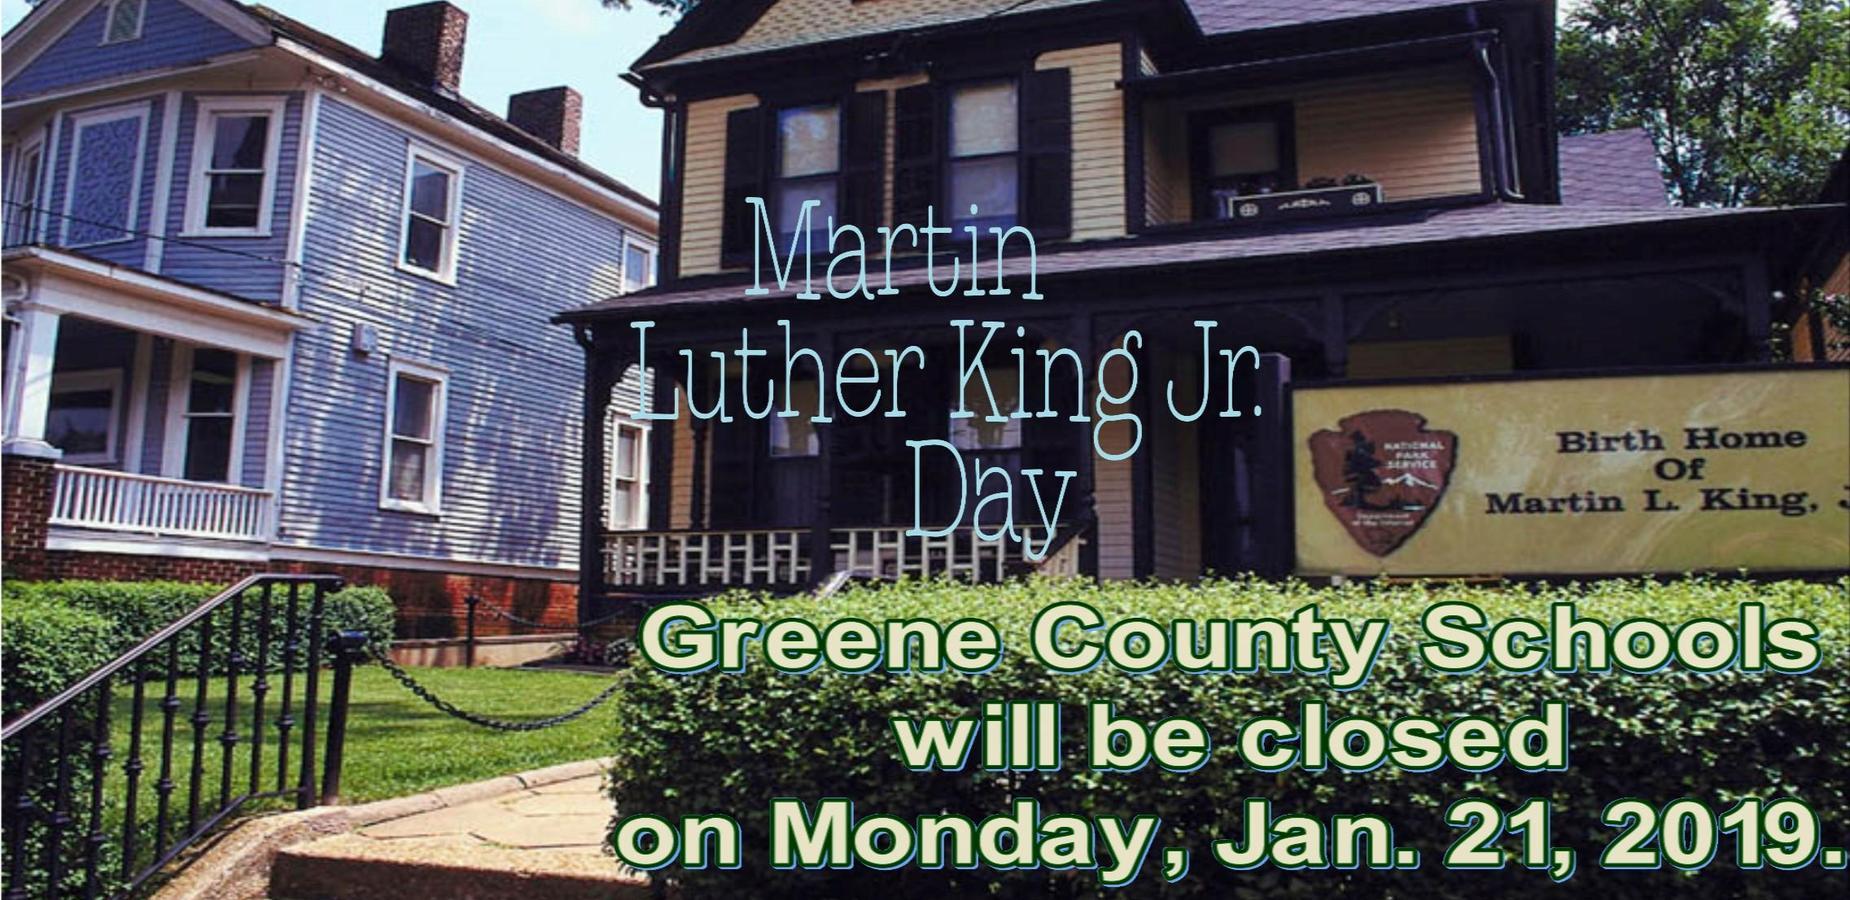 Martin Luthur King, Jr. Day